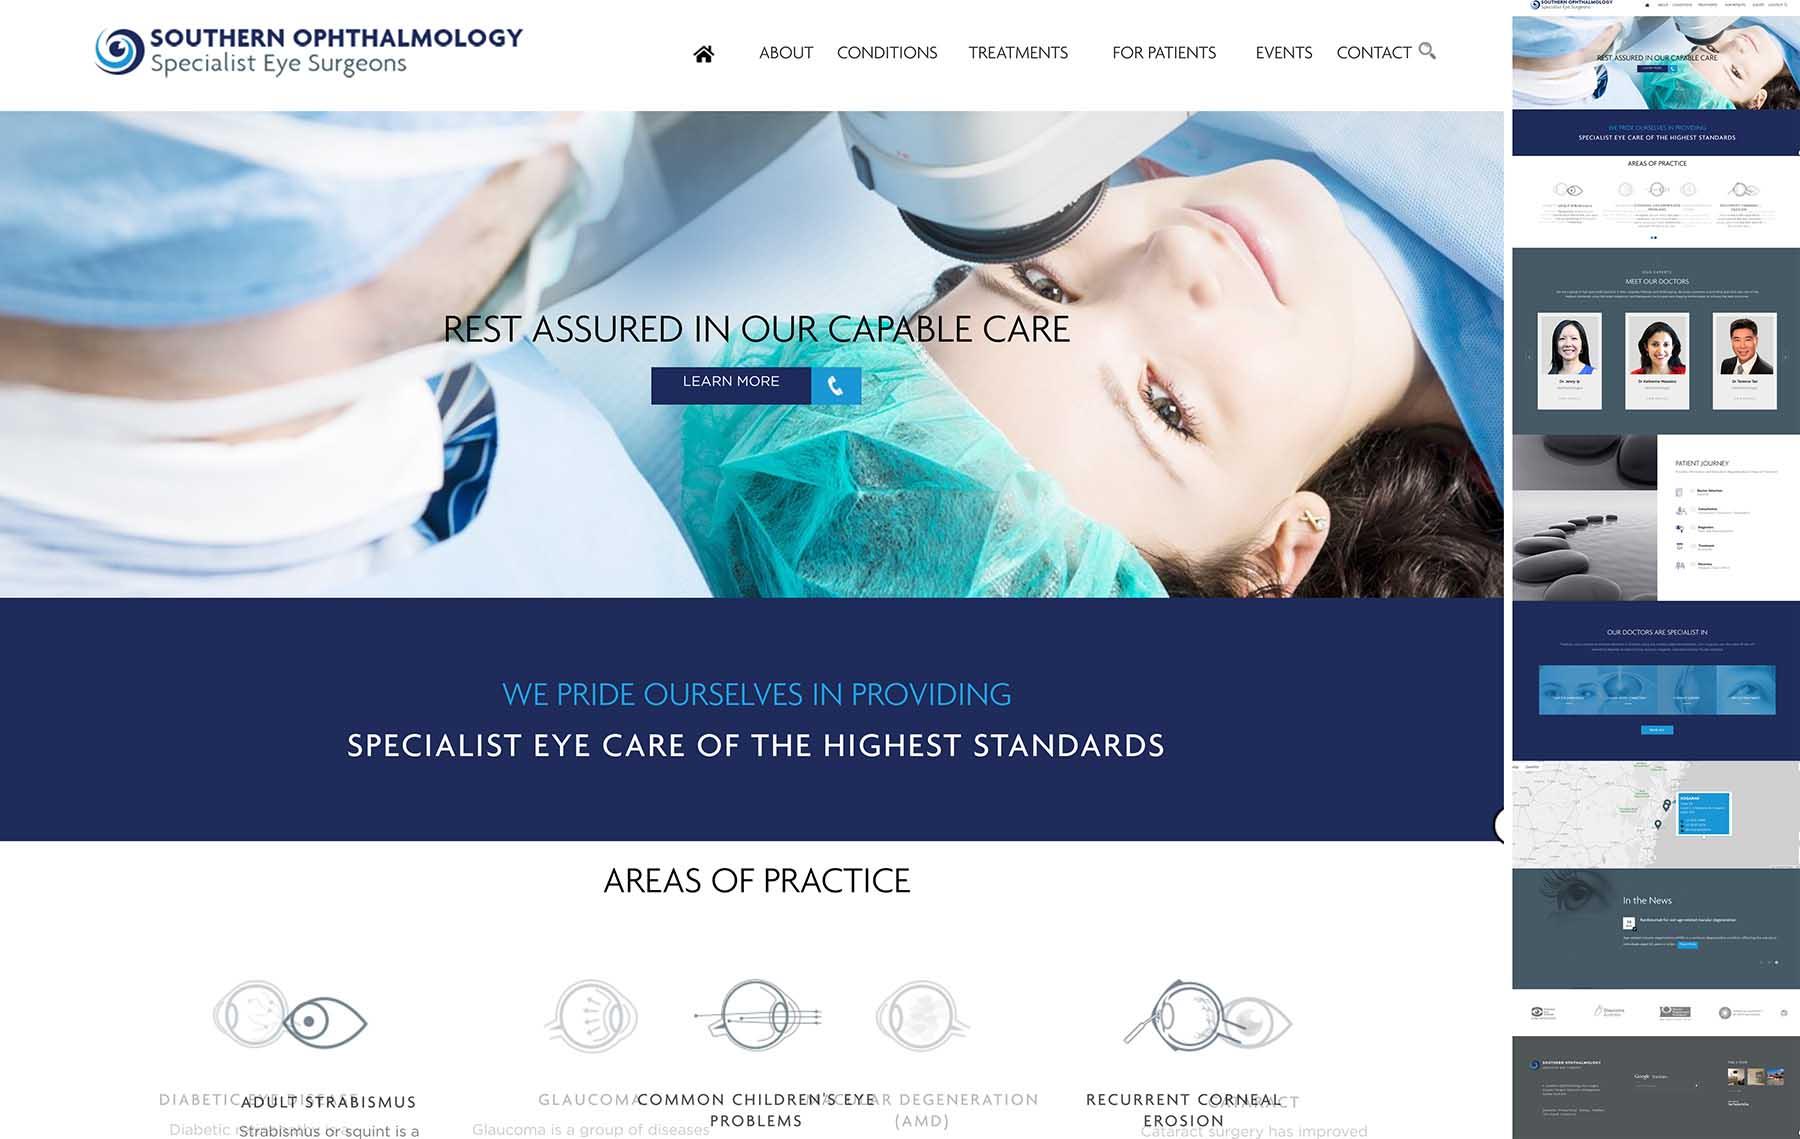 melbourne-orthopaedic-knee-surgeon-2.jpg